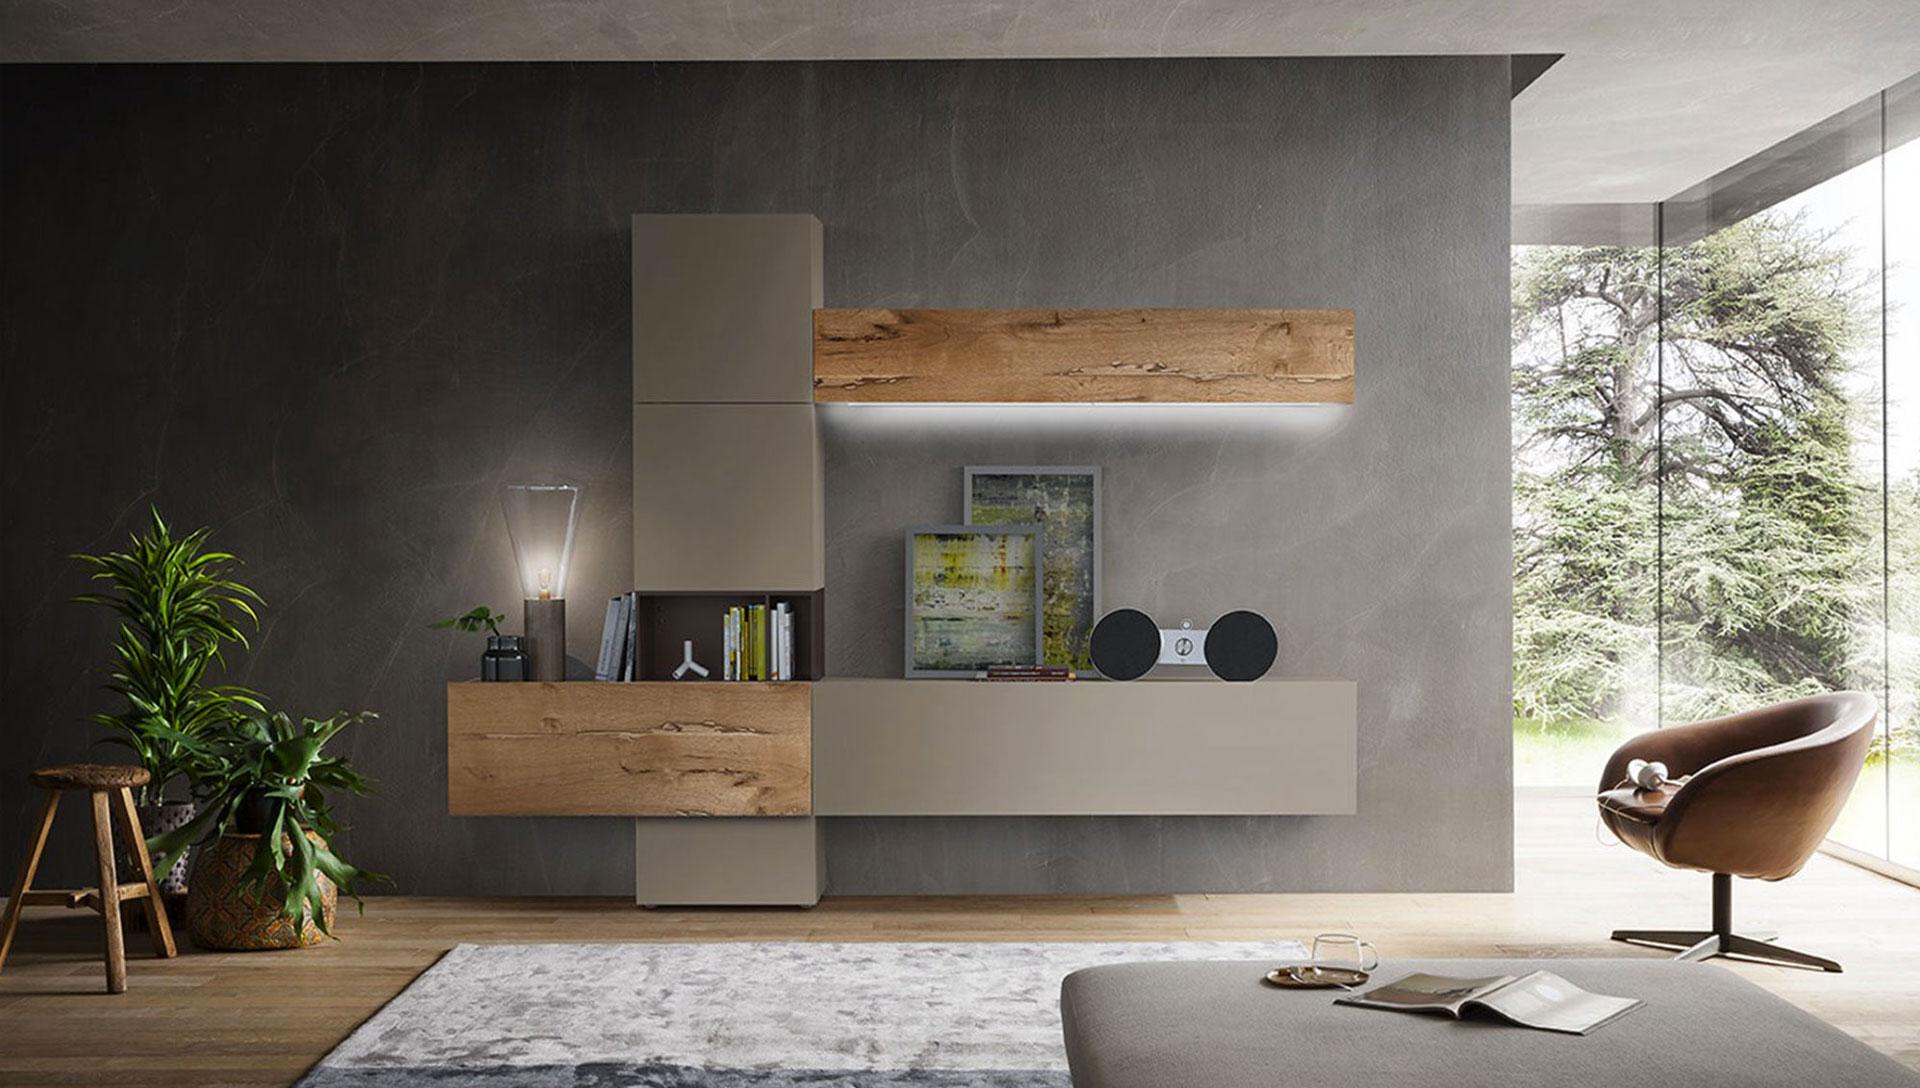 complementi-arredo-napol-comodus-arredamenti-nicoletti-interni-interior-design-divani-complementi-arredo-mobili-design-accessori-matera